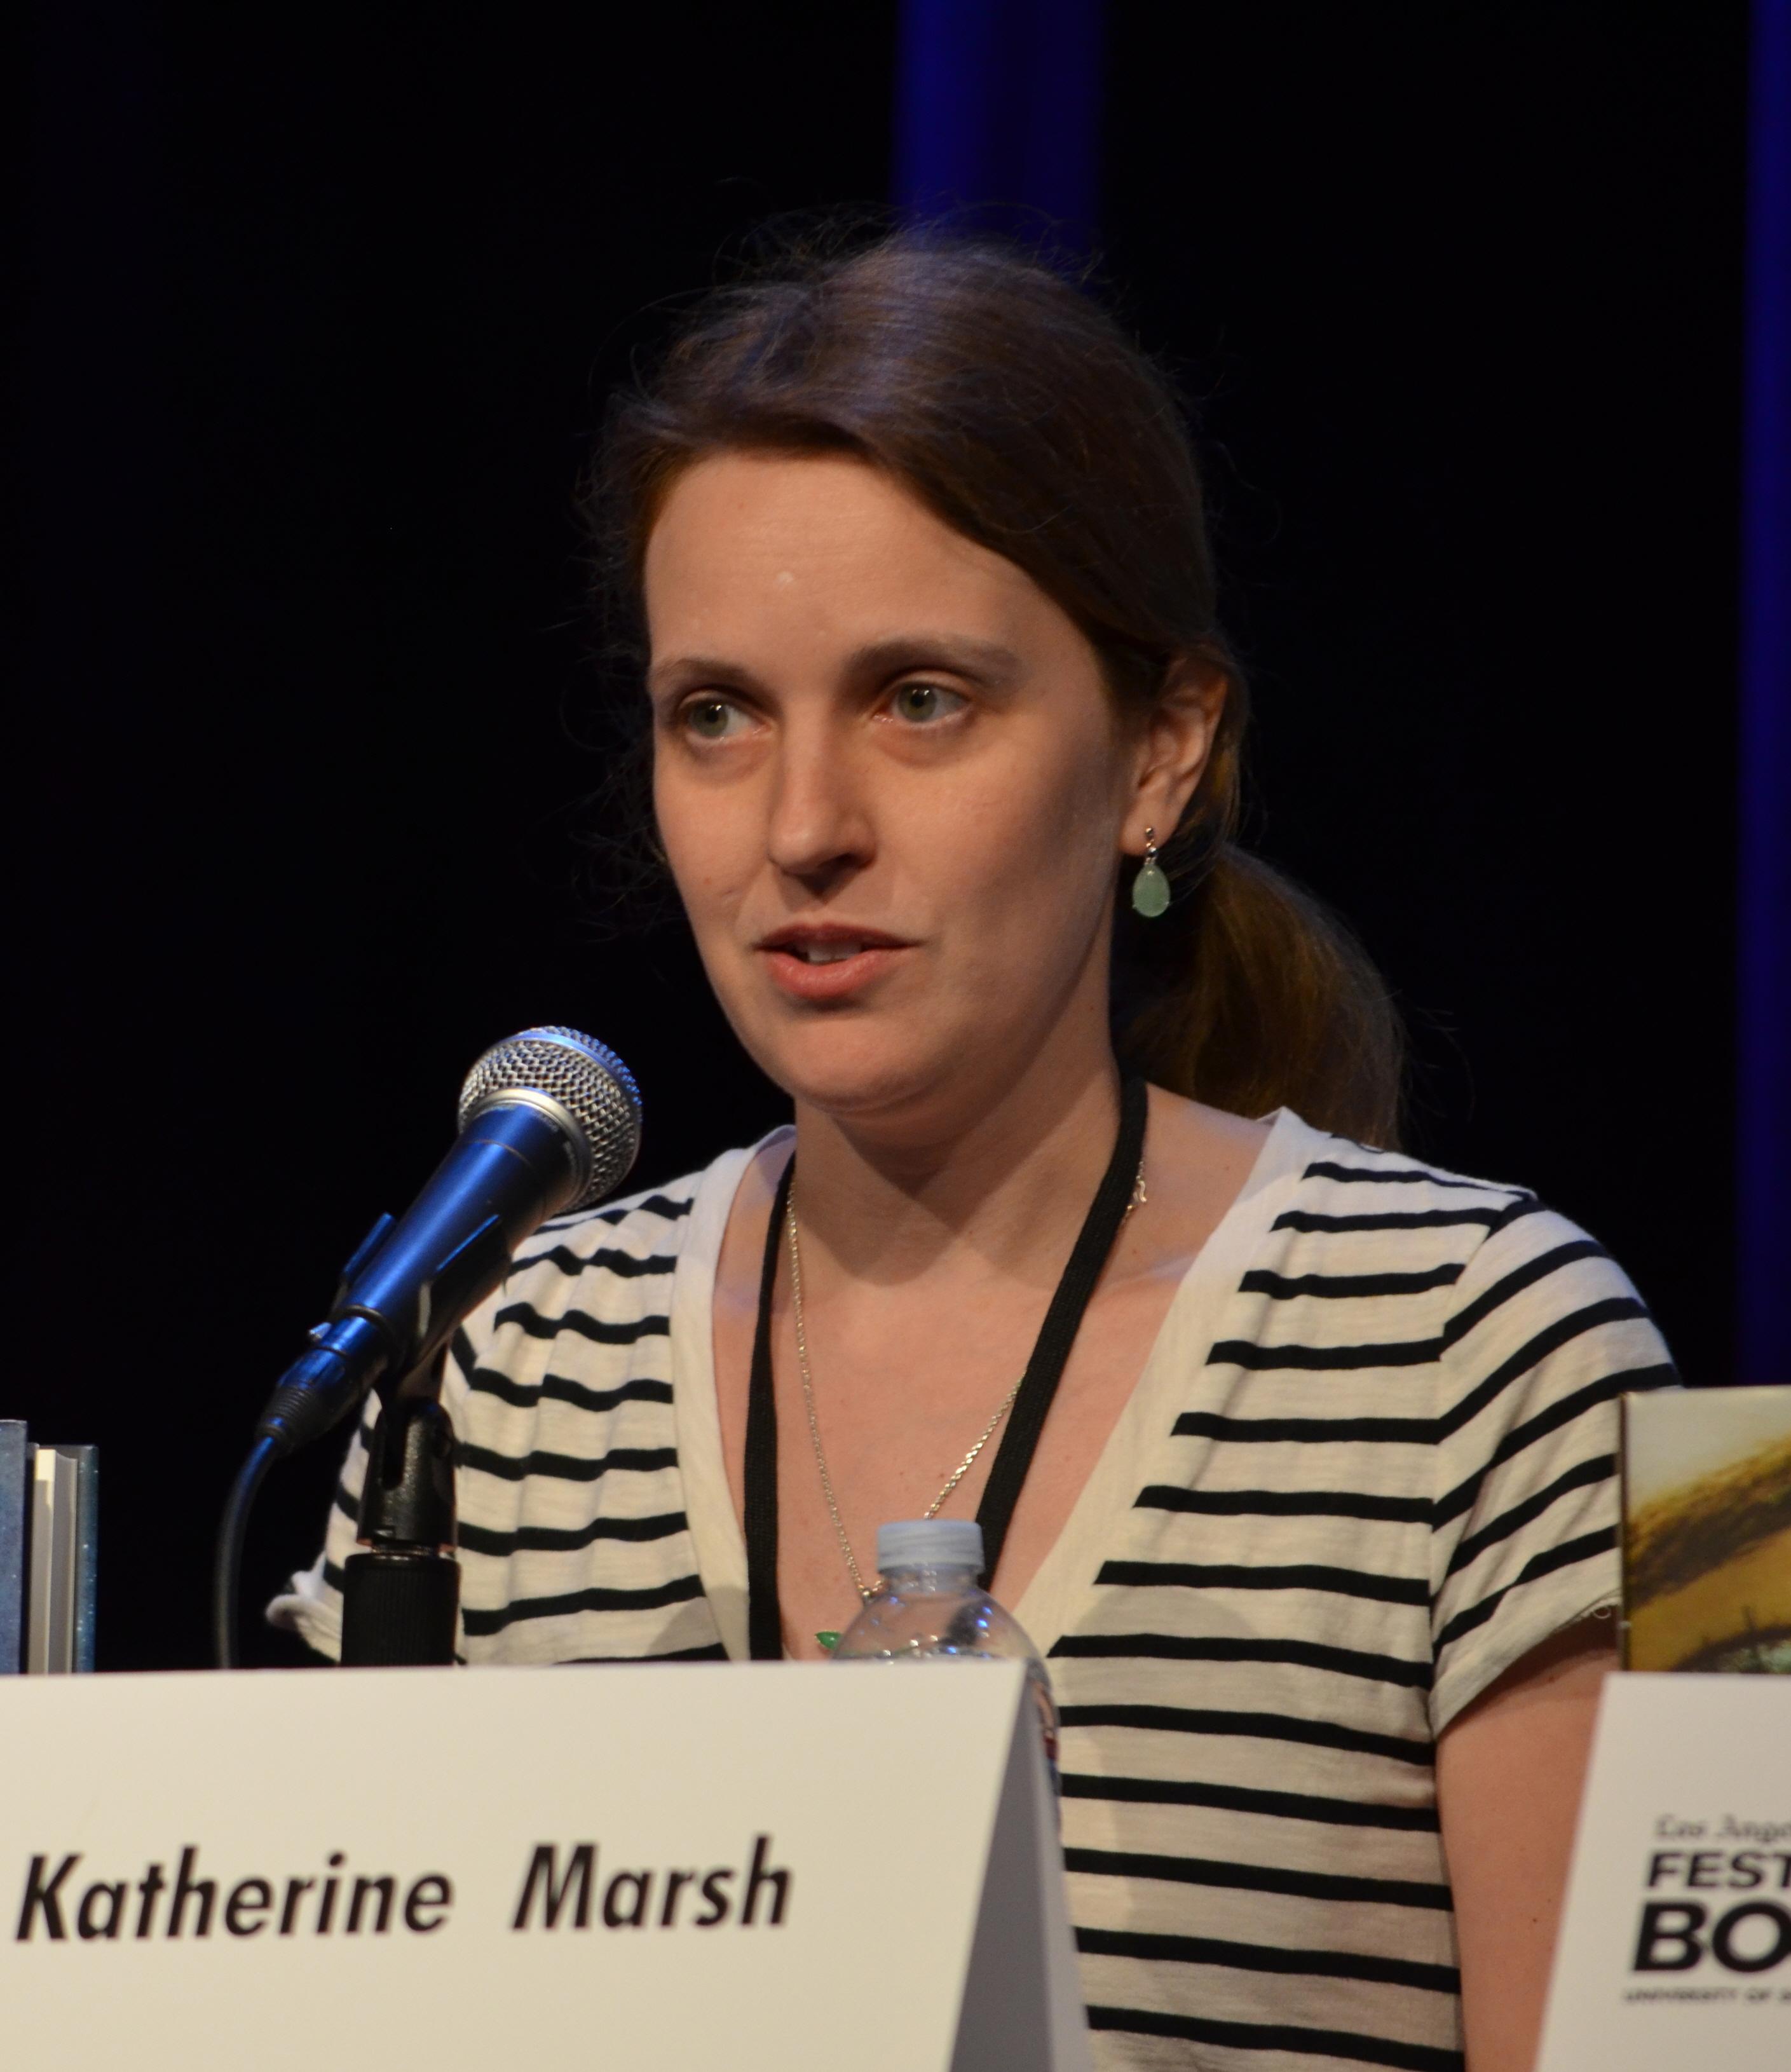 Katherine Marsh on l 21, 2013